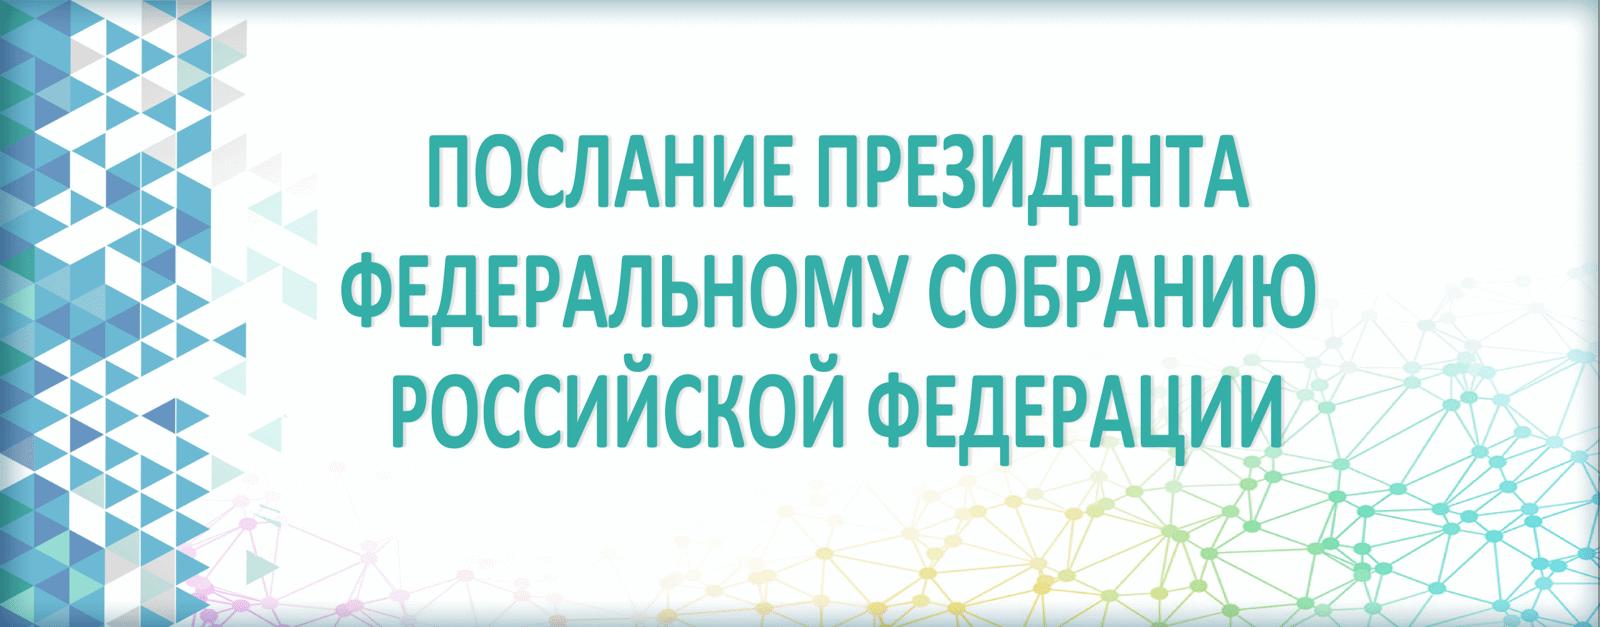 Послание президента  Федеральному собранию РФ